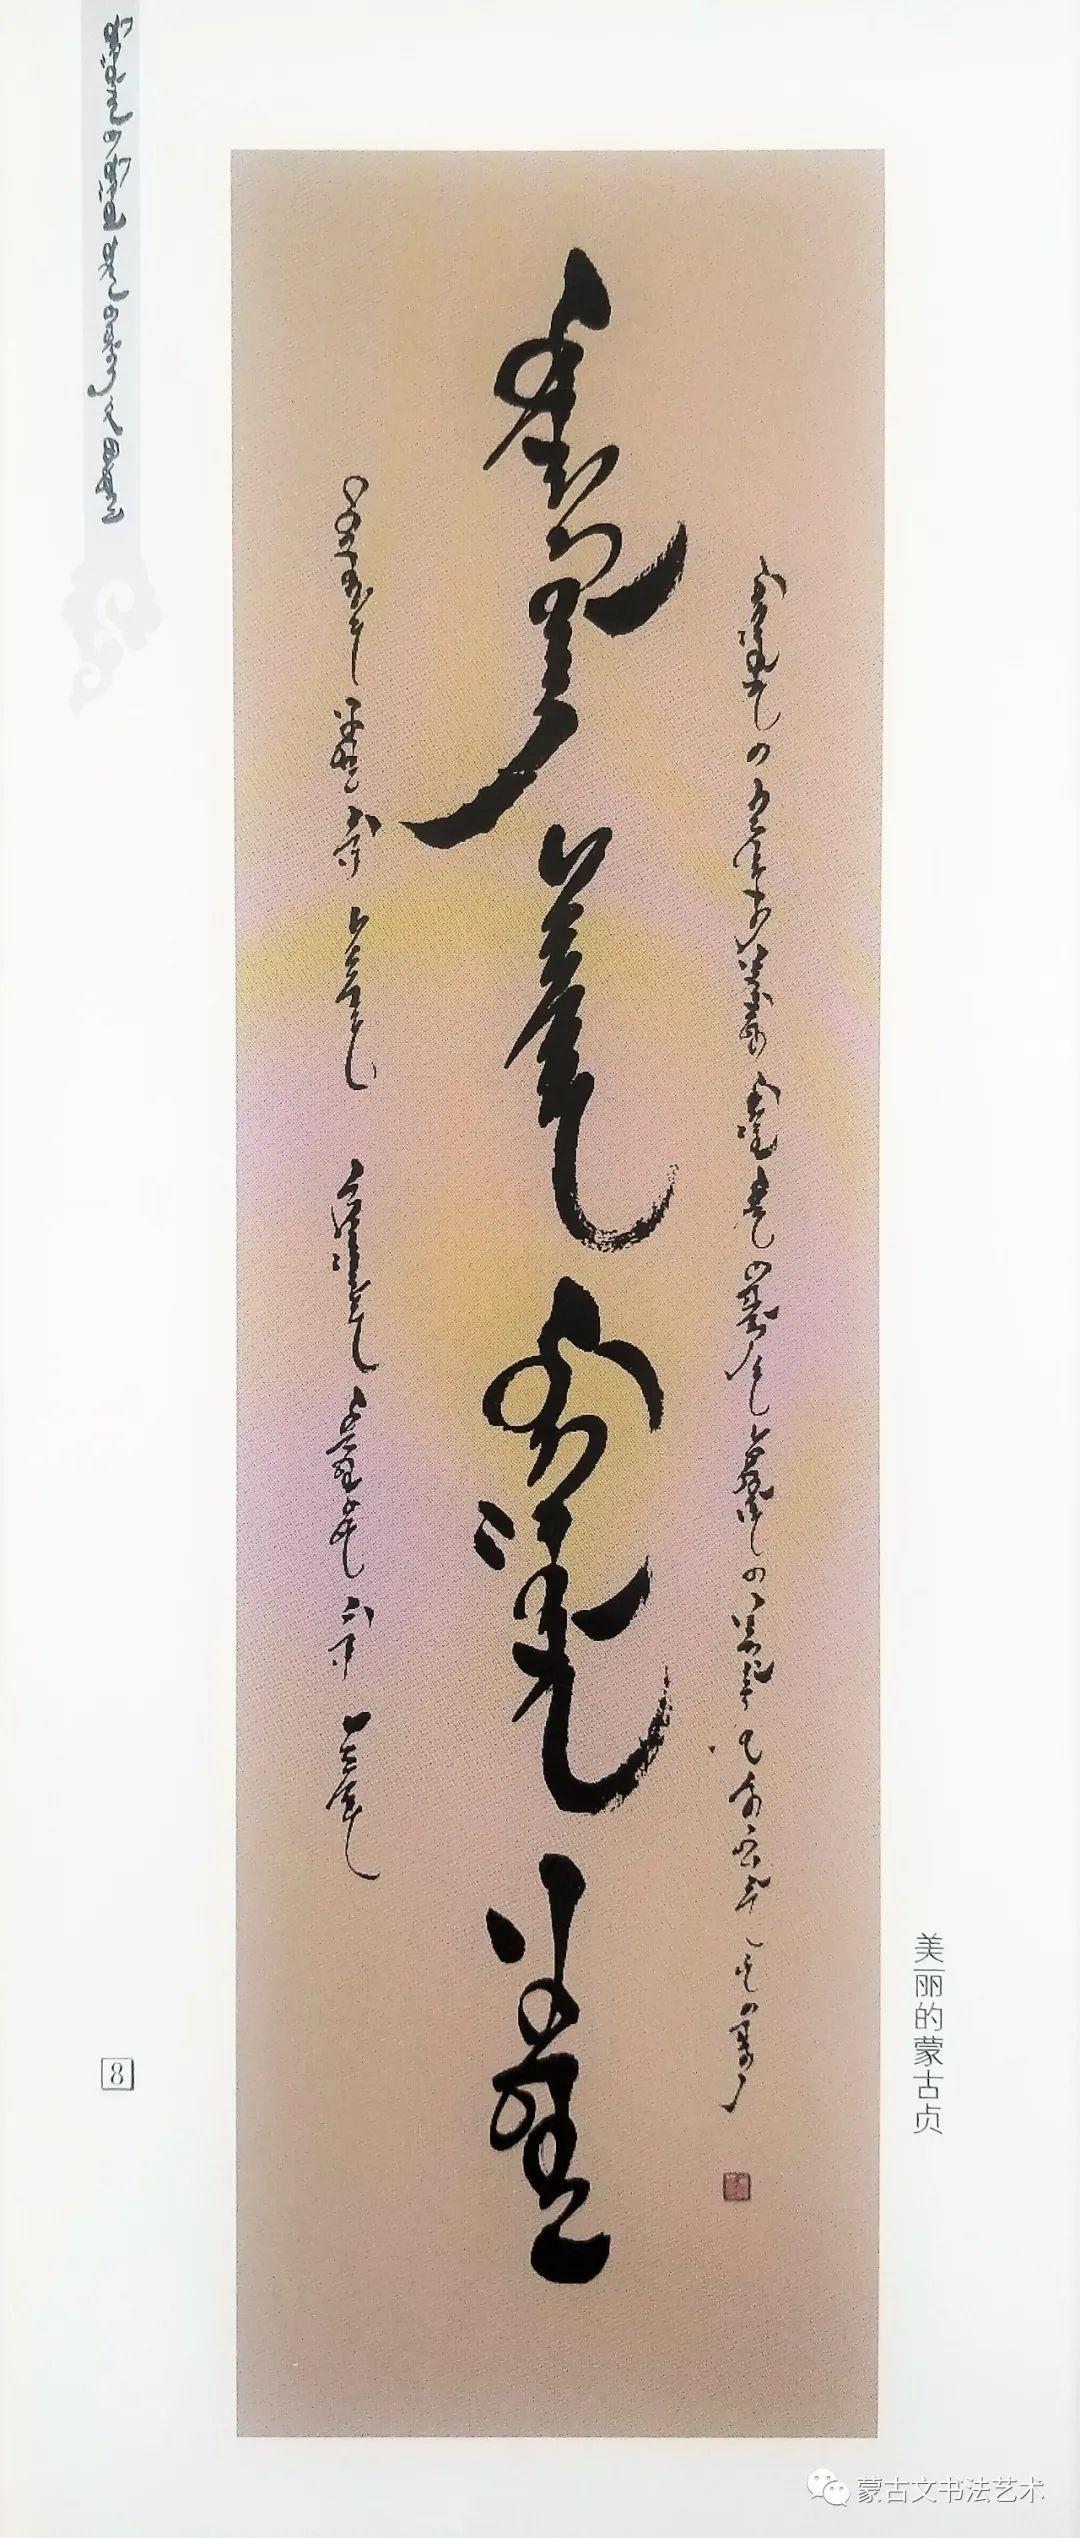 朱德林蒙古文书法作品欣赏 第5张 朱德林蒙古文书法作品欣赏 蒙古书法